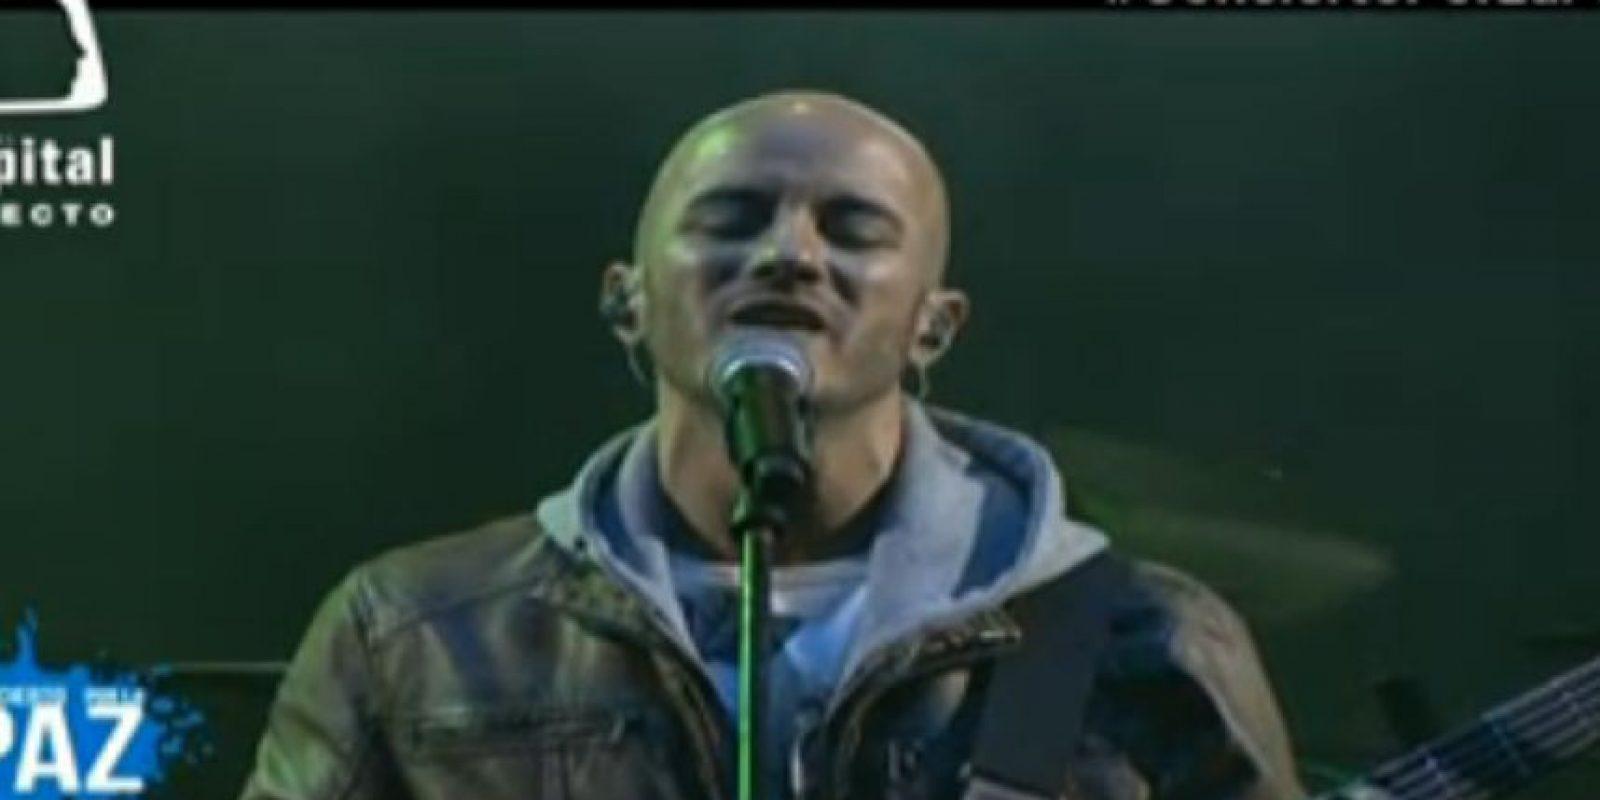 Este concierto esta siendo transmitido por Canal Capital desde las 3 de la tarde Foto:Captura de pantalla Streaming concierto